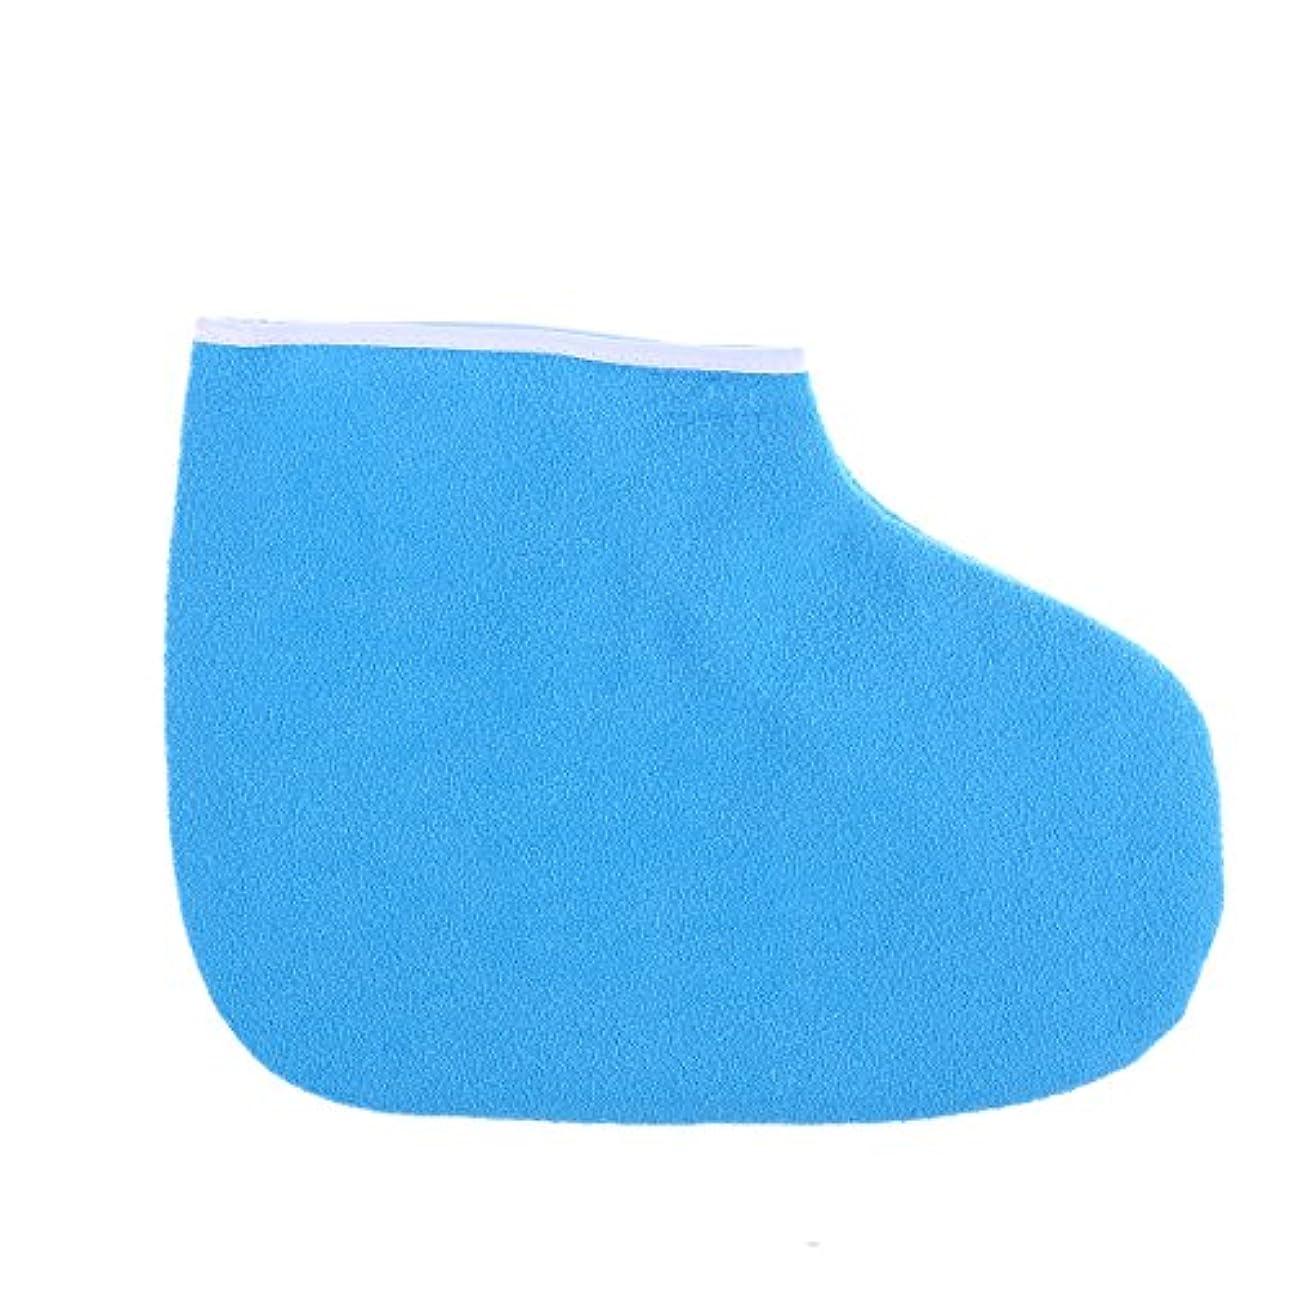 ベックス朝ごはん傀儡Healifty パラフィンワックスブーティーマニキュアペディキュアトリートメントブーツ(ブルー)